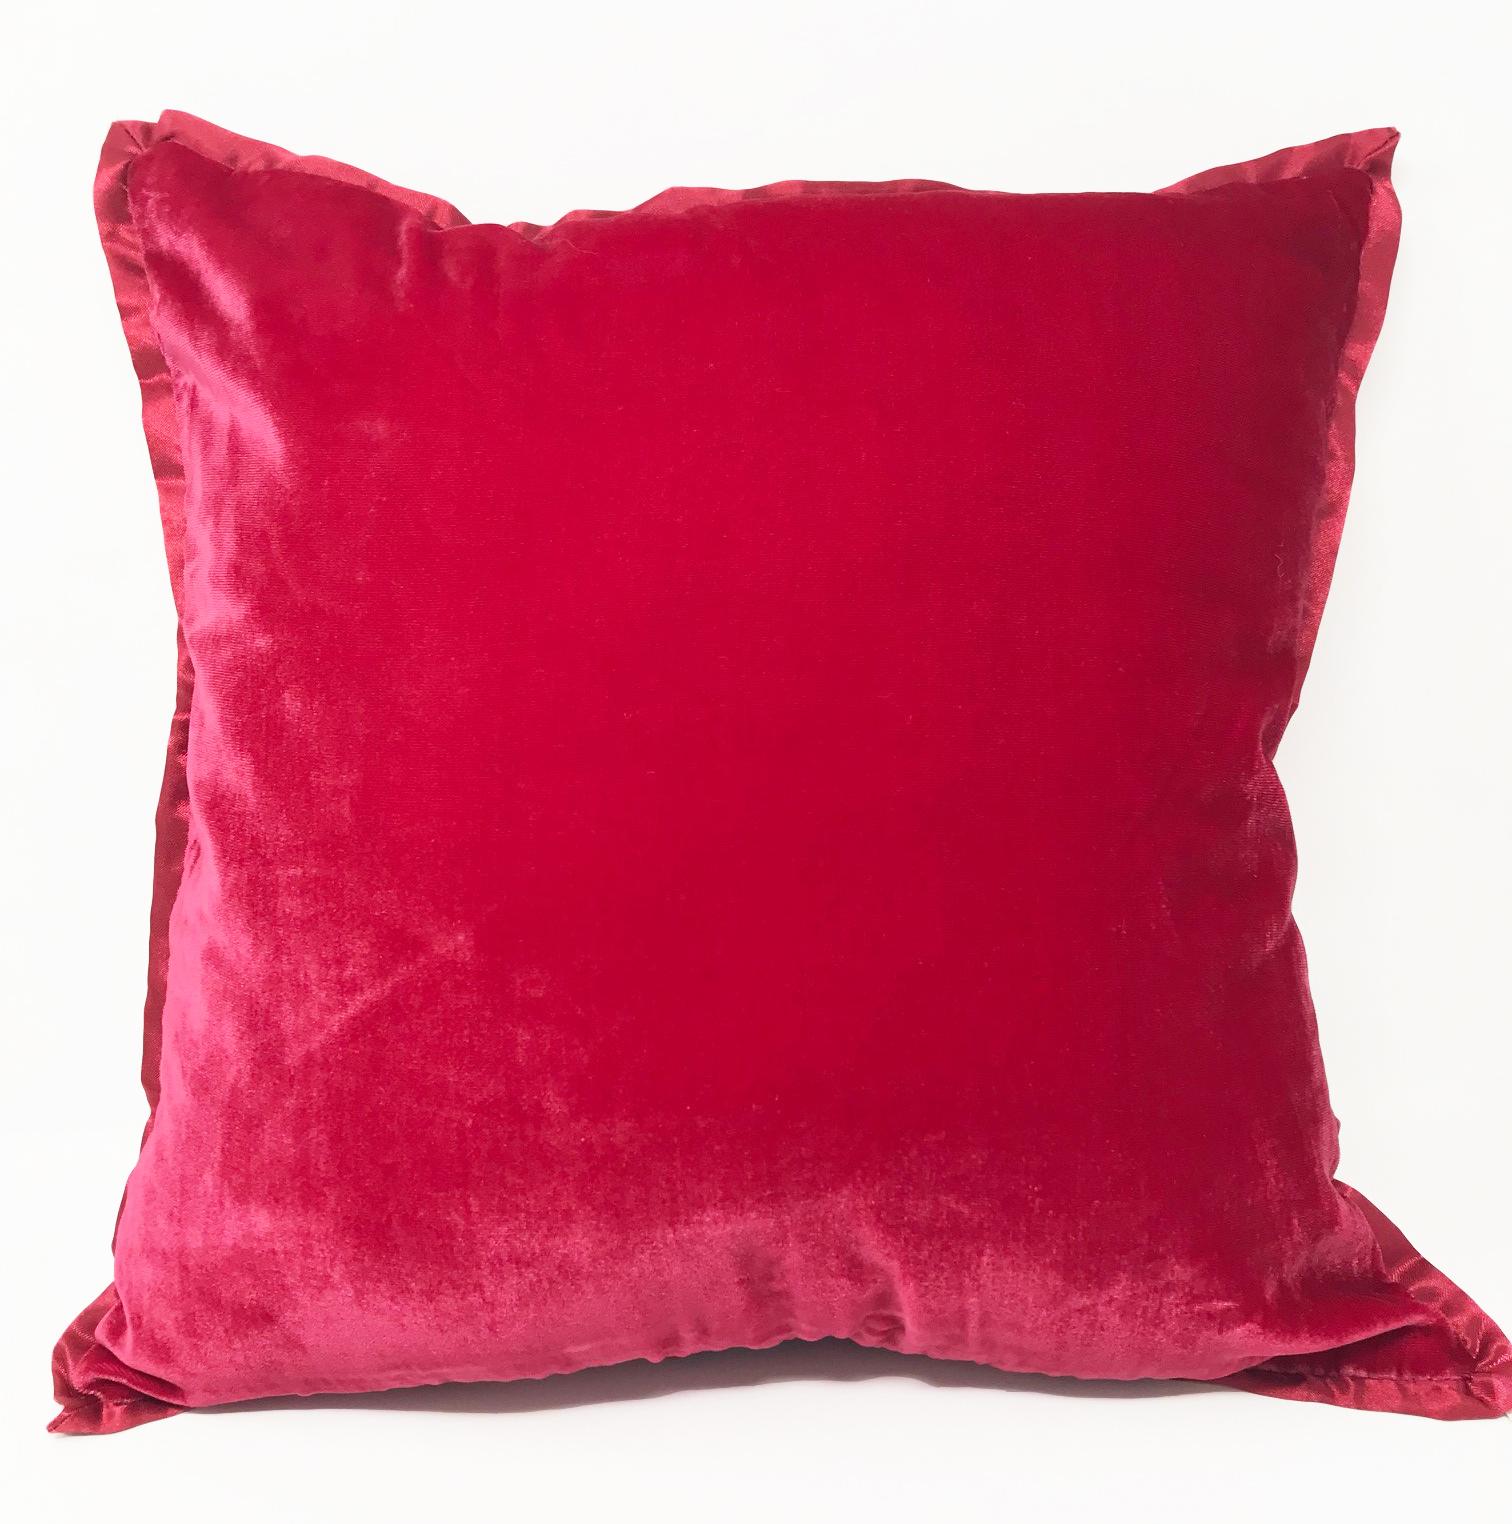 Reversible Red Velvet & Silk Blend Cushion Cover ONLY